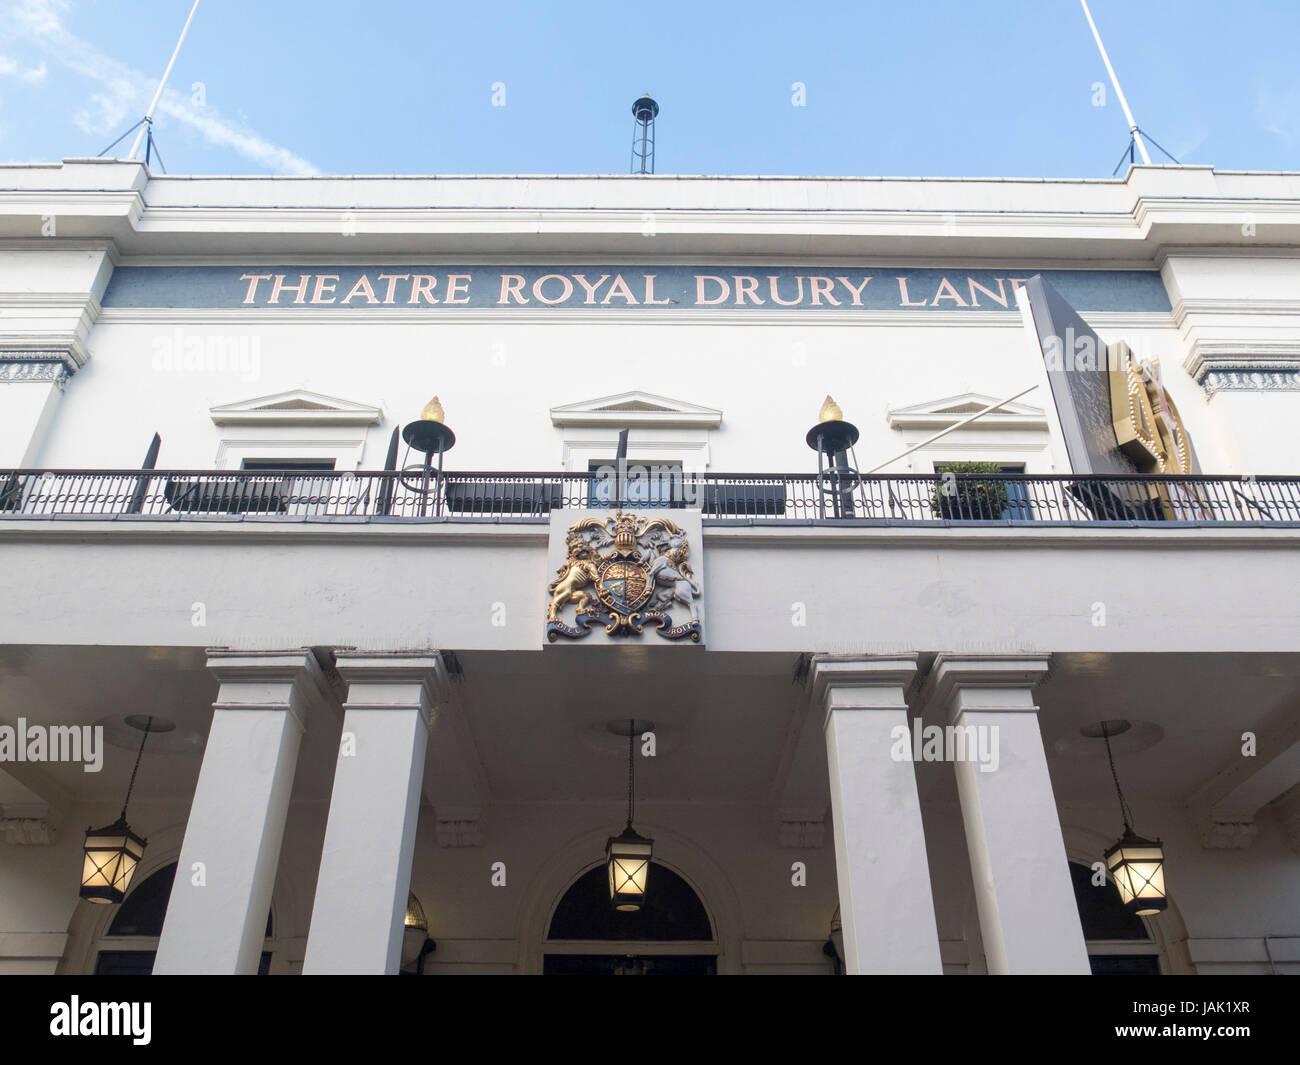 Theatre Royal, Drury Lane, London, UK - Stock Image